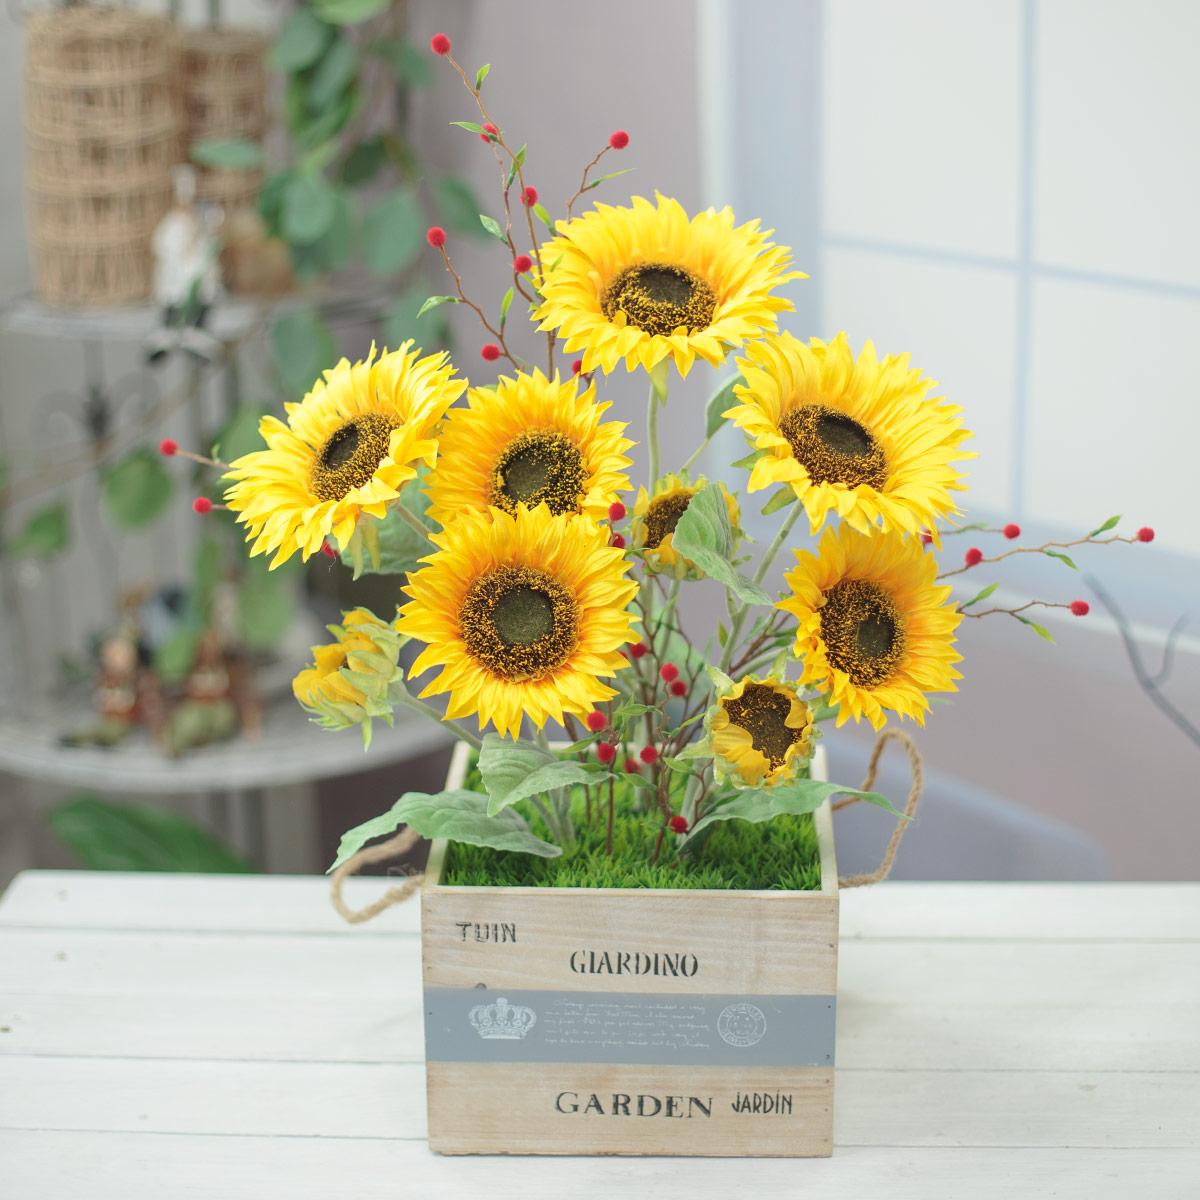 아홉송이 태양해바라기 꽃 가든 화분 기본 이미지